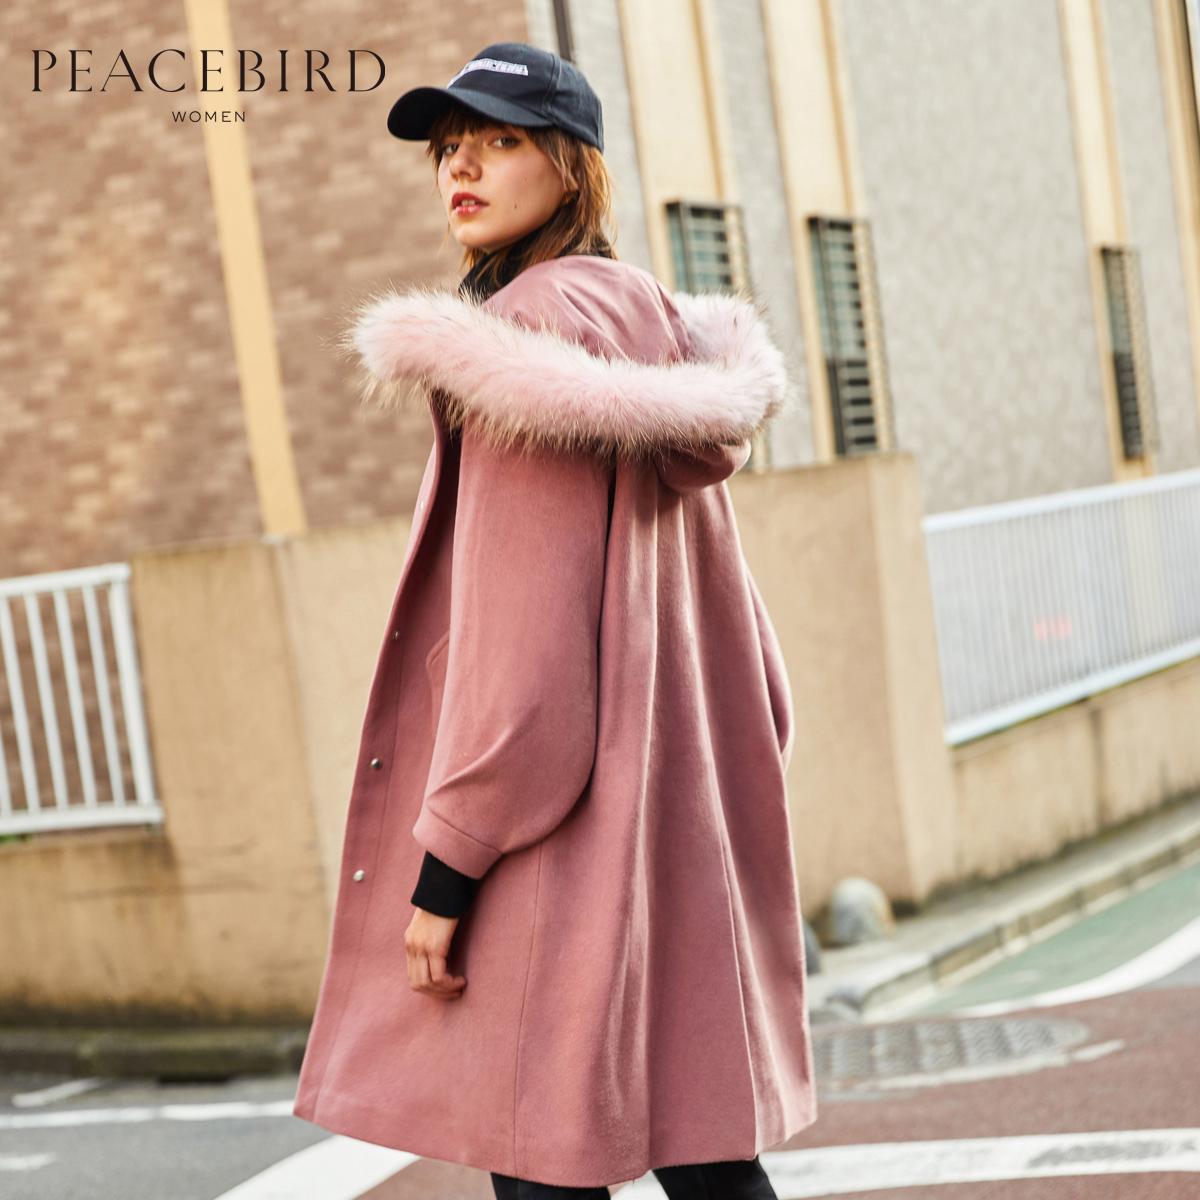 太平鸟毛呢外套女冬装新款拼毛领连帽中长款韩版潮灯笼袖毛呢大衣